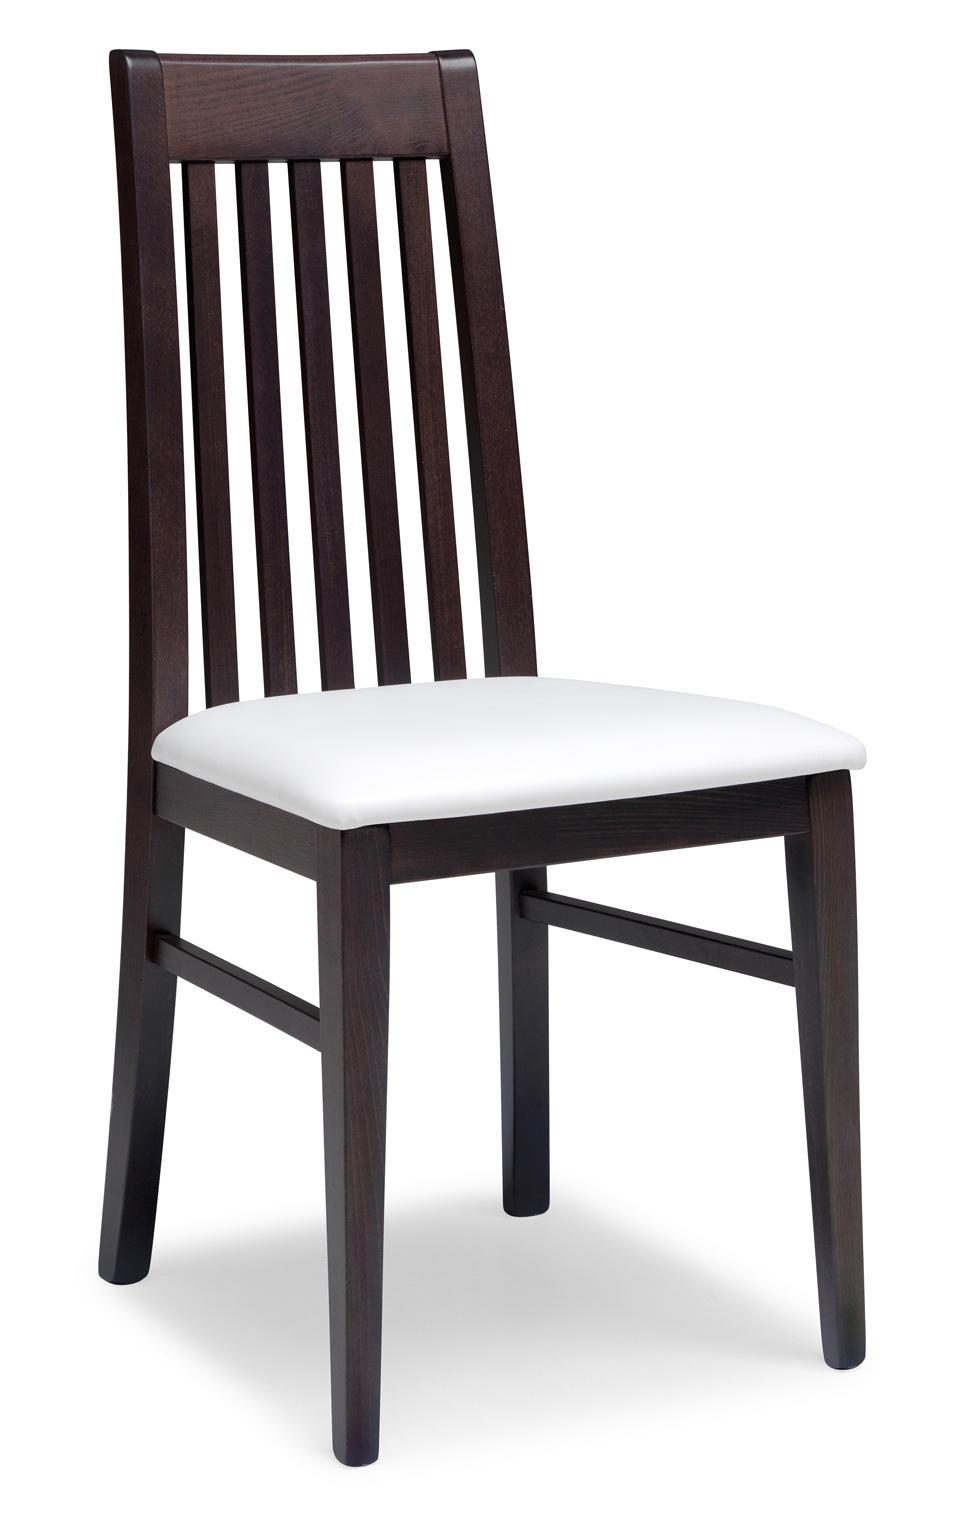 椅子, 设计, 4.0 - 10000.0 件